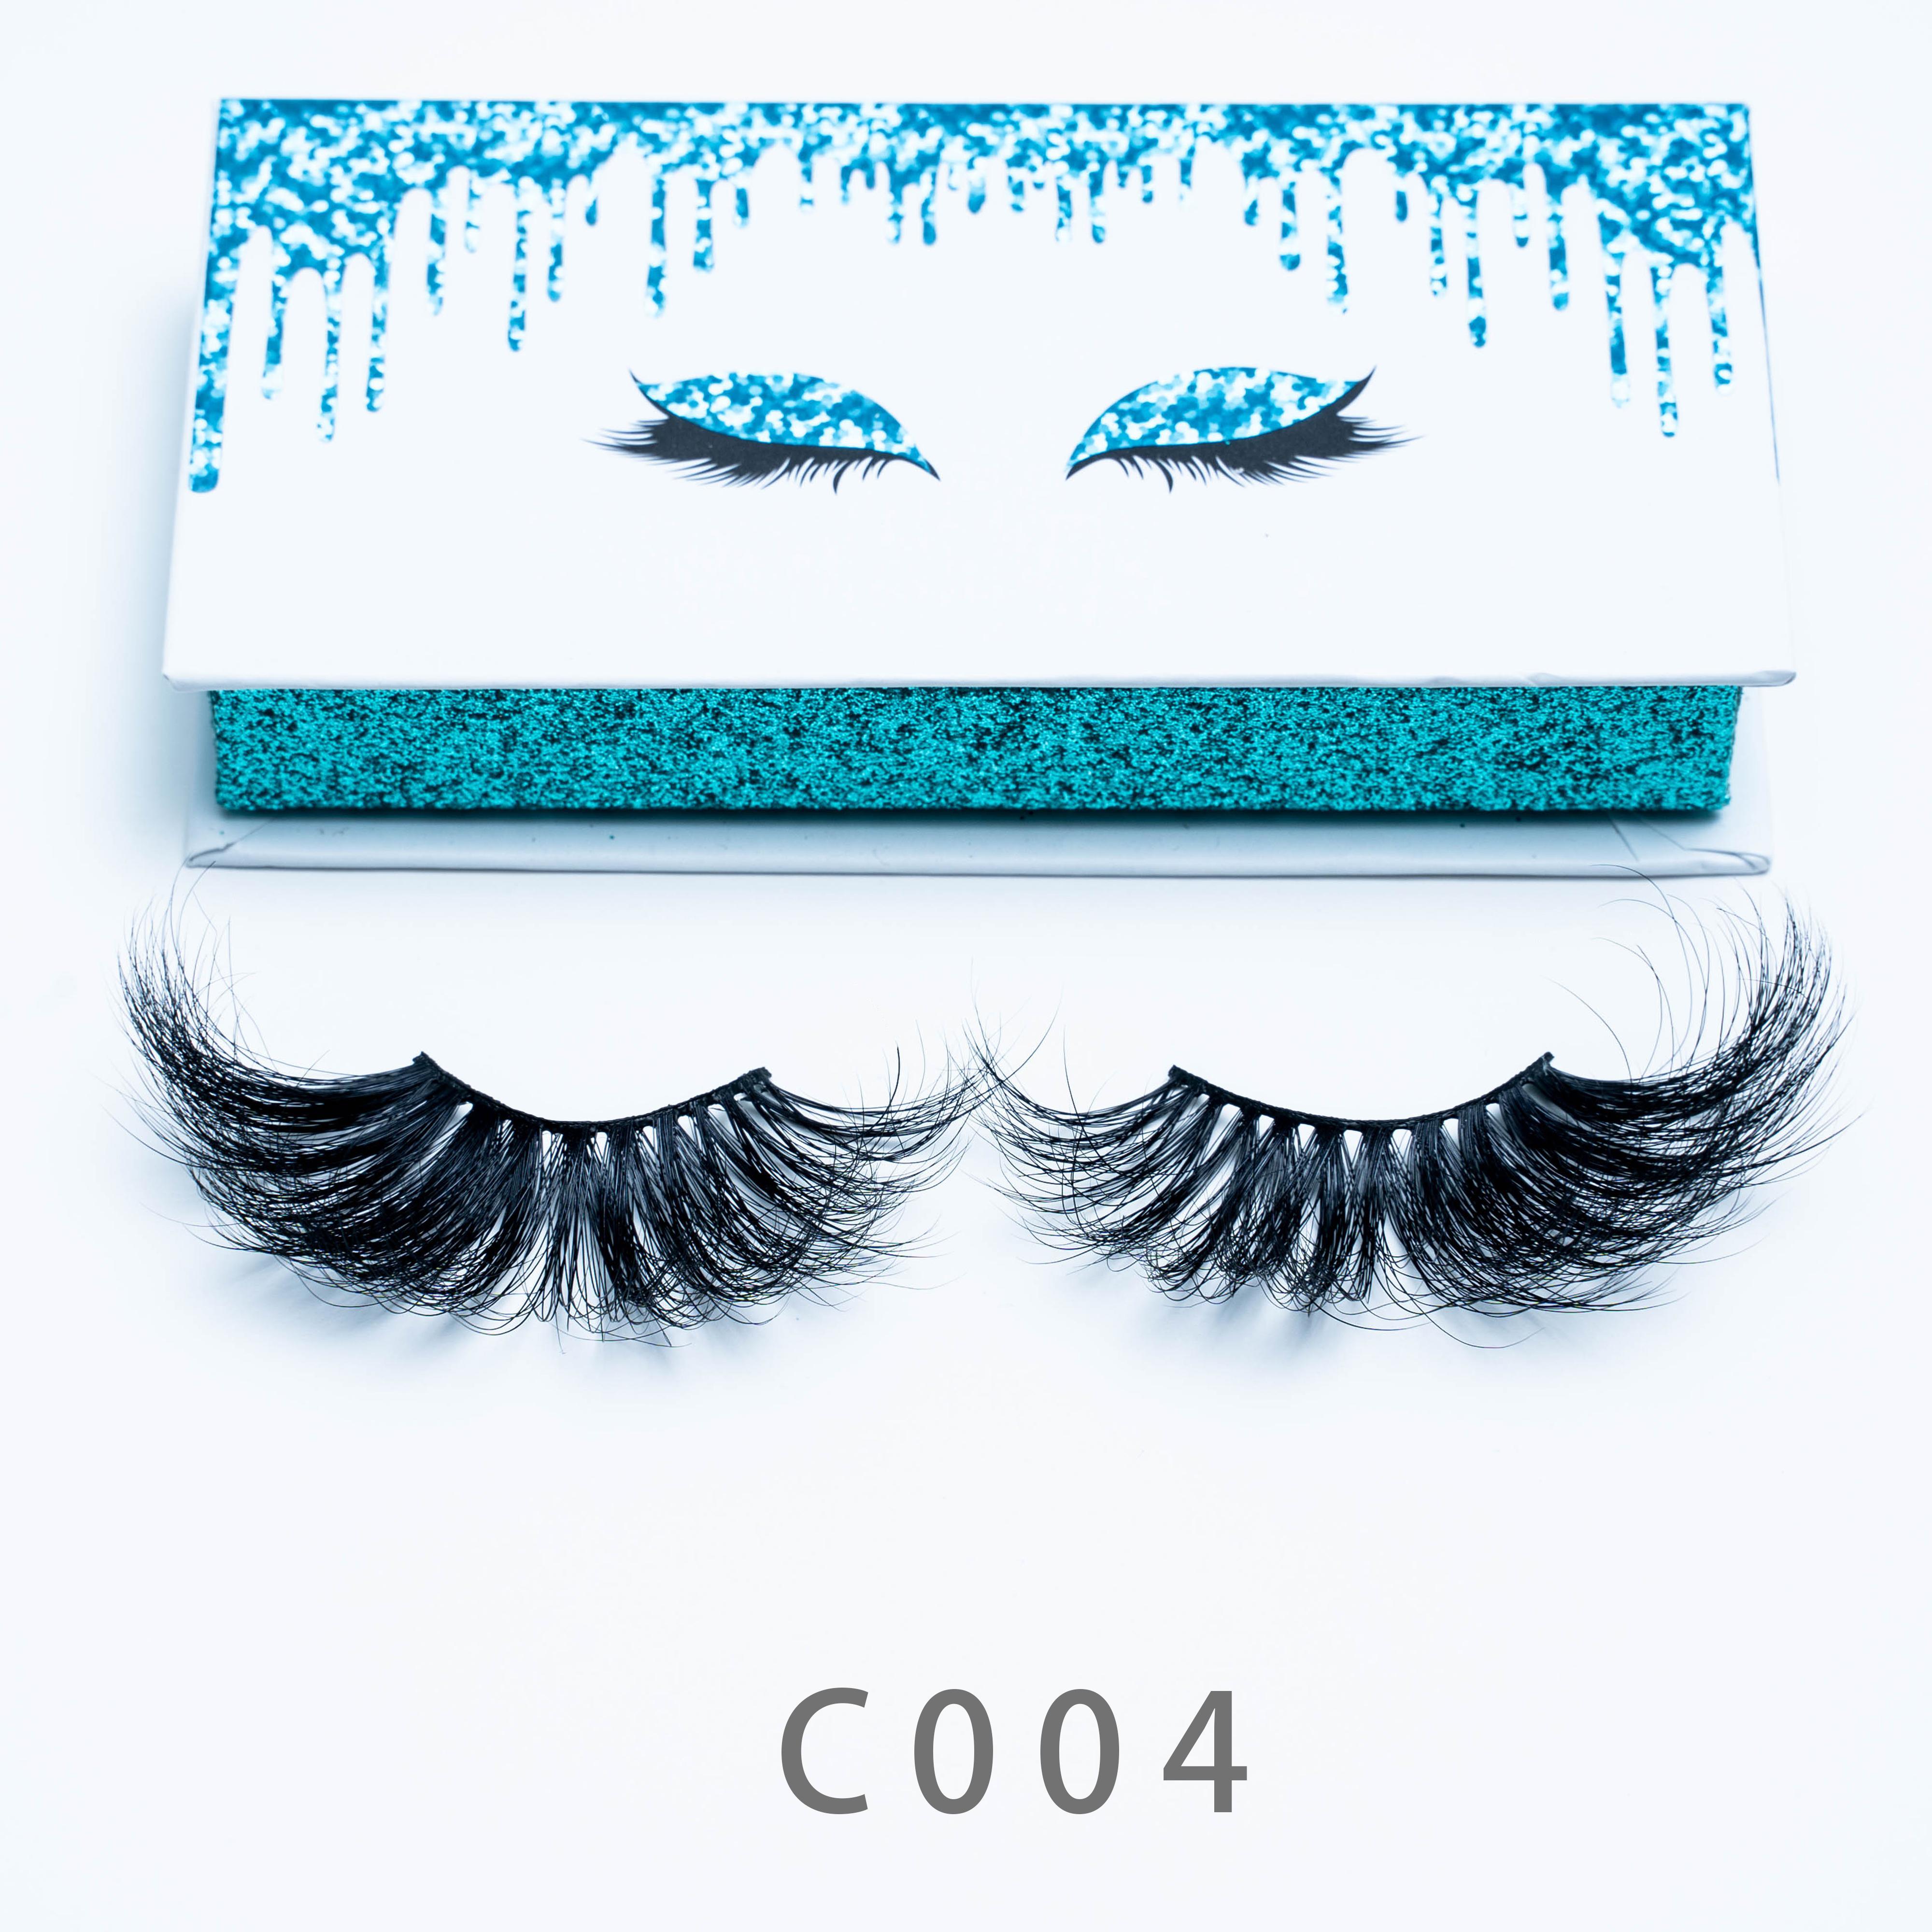 [Mink Falsche Wimpern-C004] Echte Nerzwimpern sind sehr schöne komfortable und schöne Wimpernverpackungen akzeptiert Anpassungen